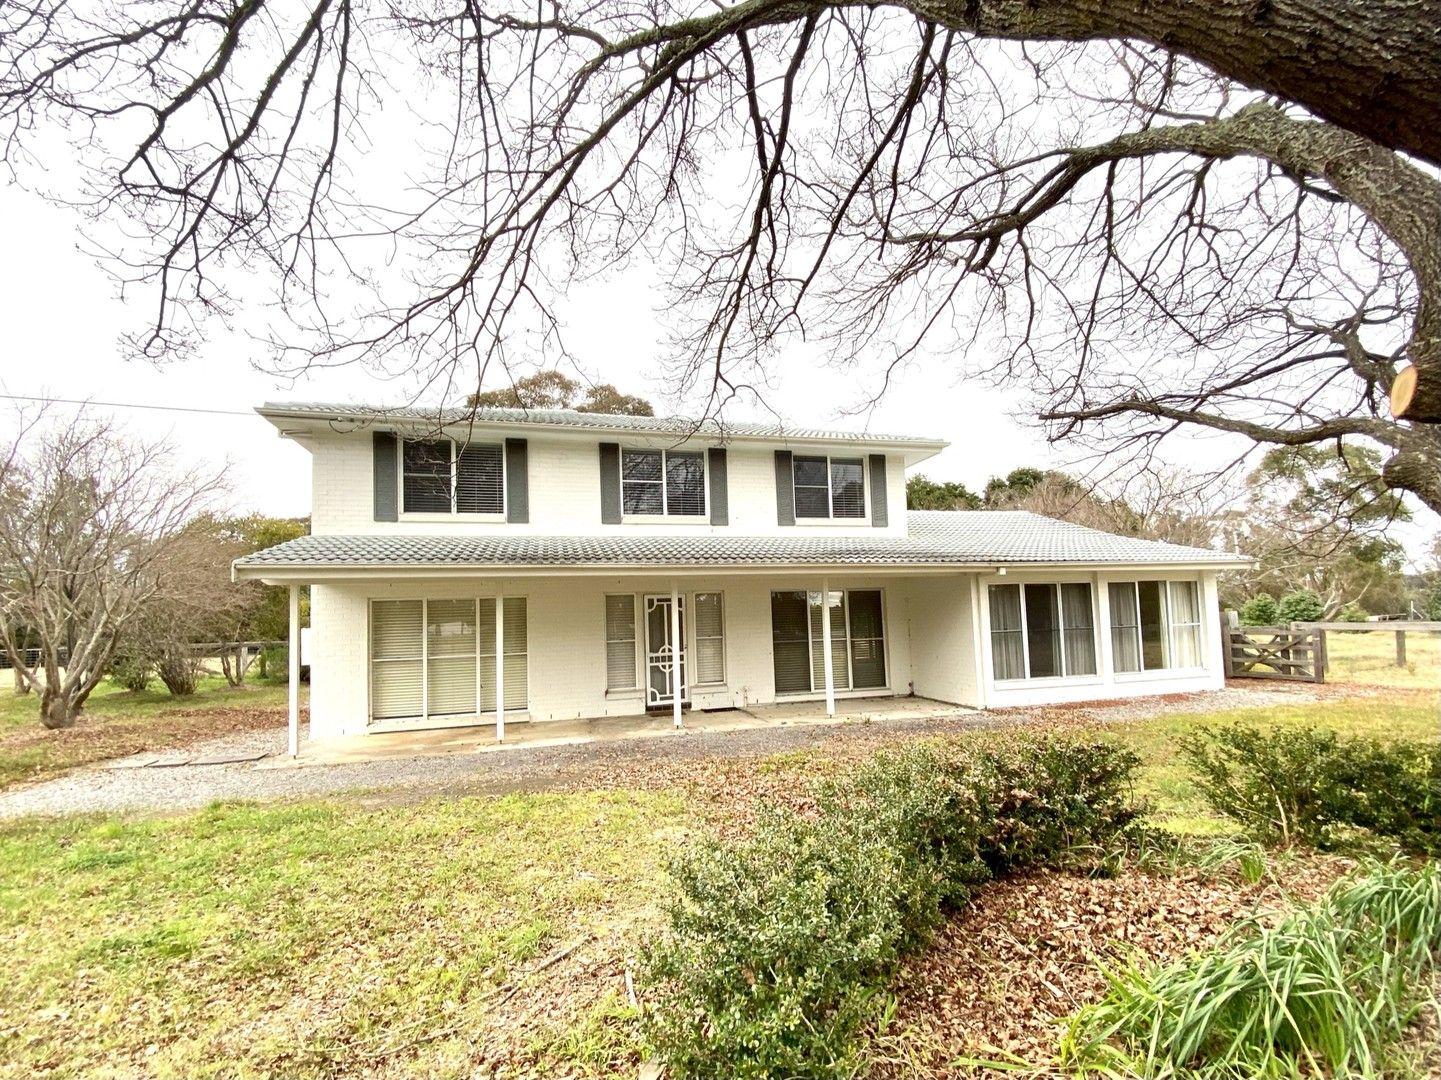 130 Colo  Road, Colo Vale NSW 2575, Image 0